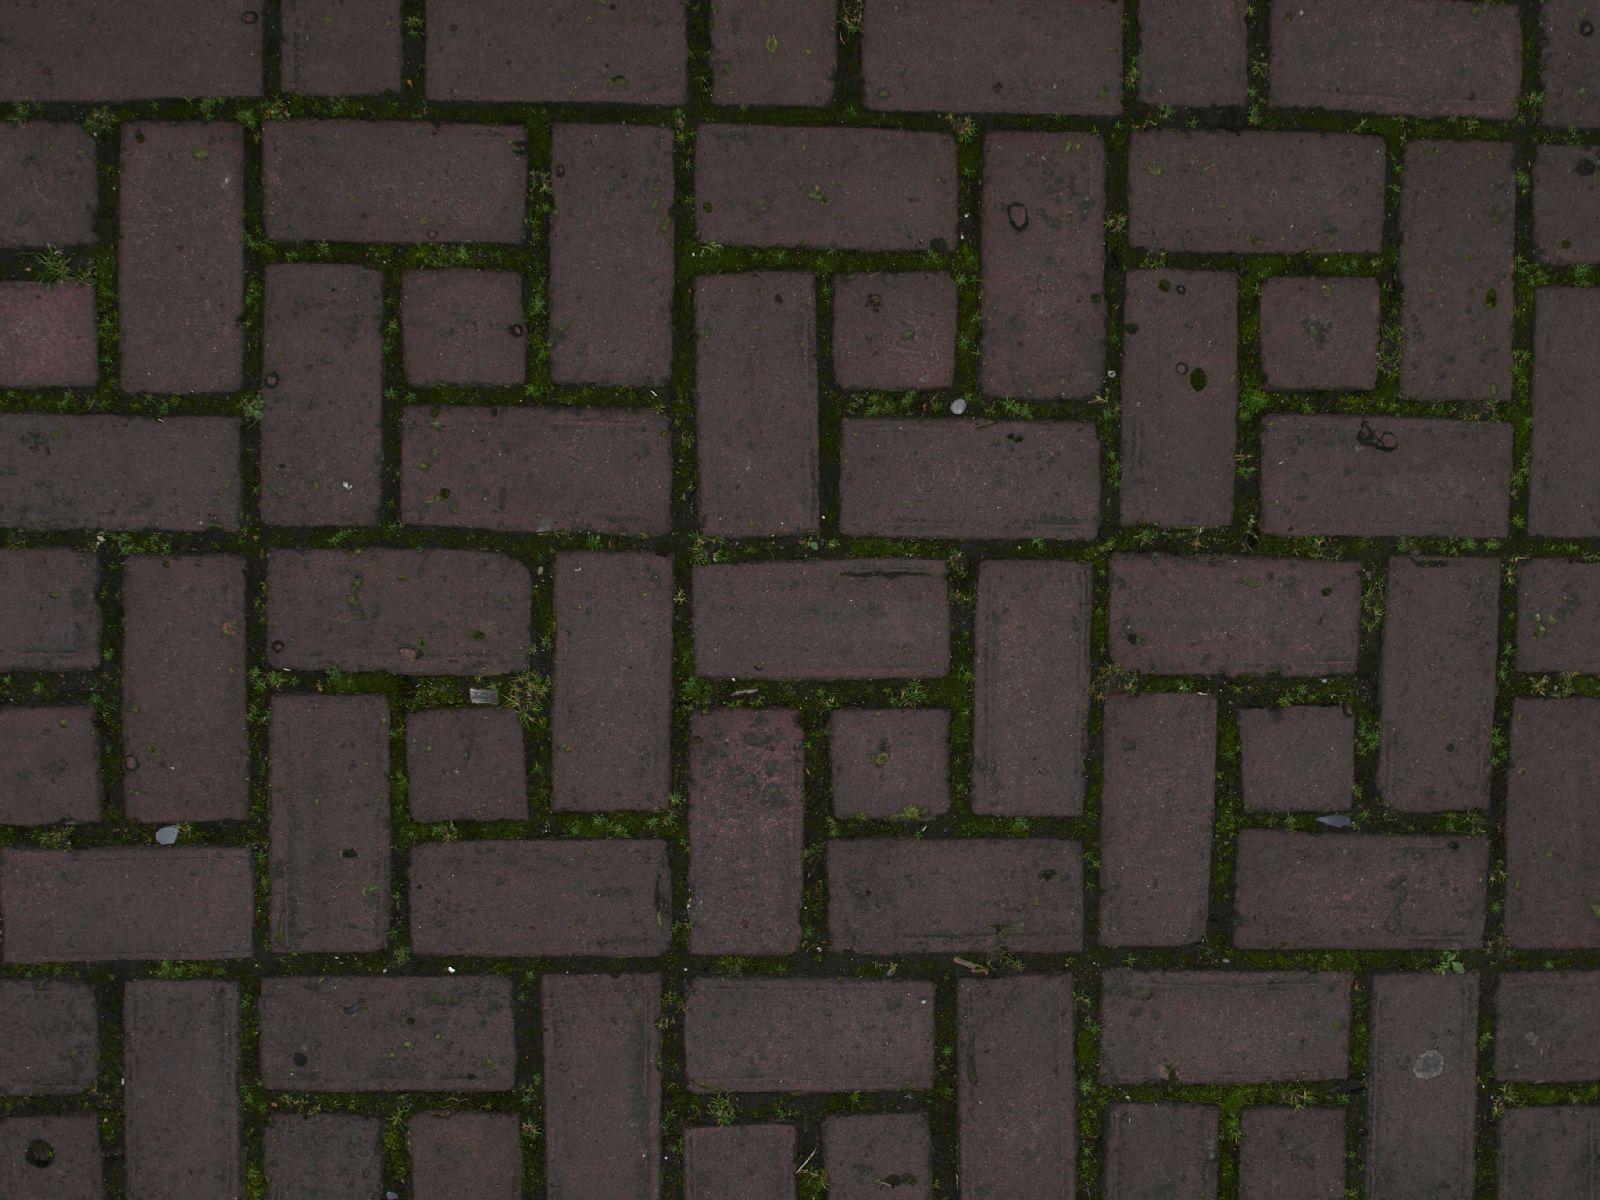 Boden-Gehweg-Strasse-Buergersteig-Textur_A_P4131221